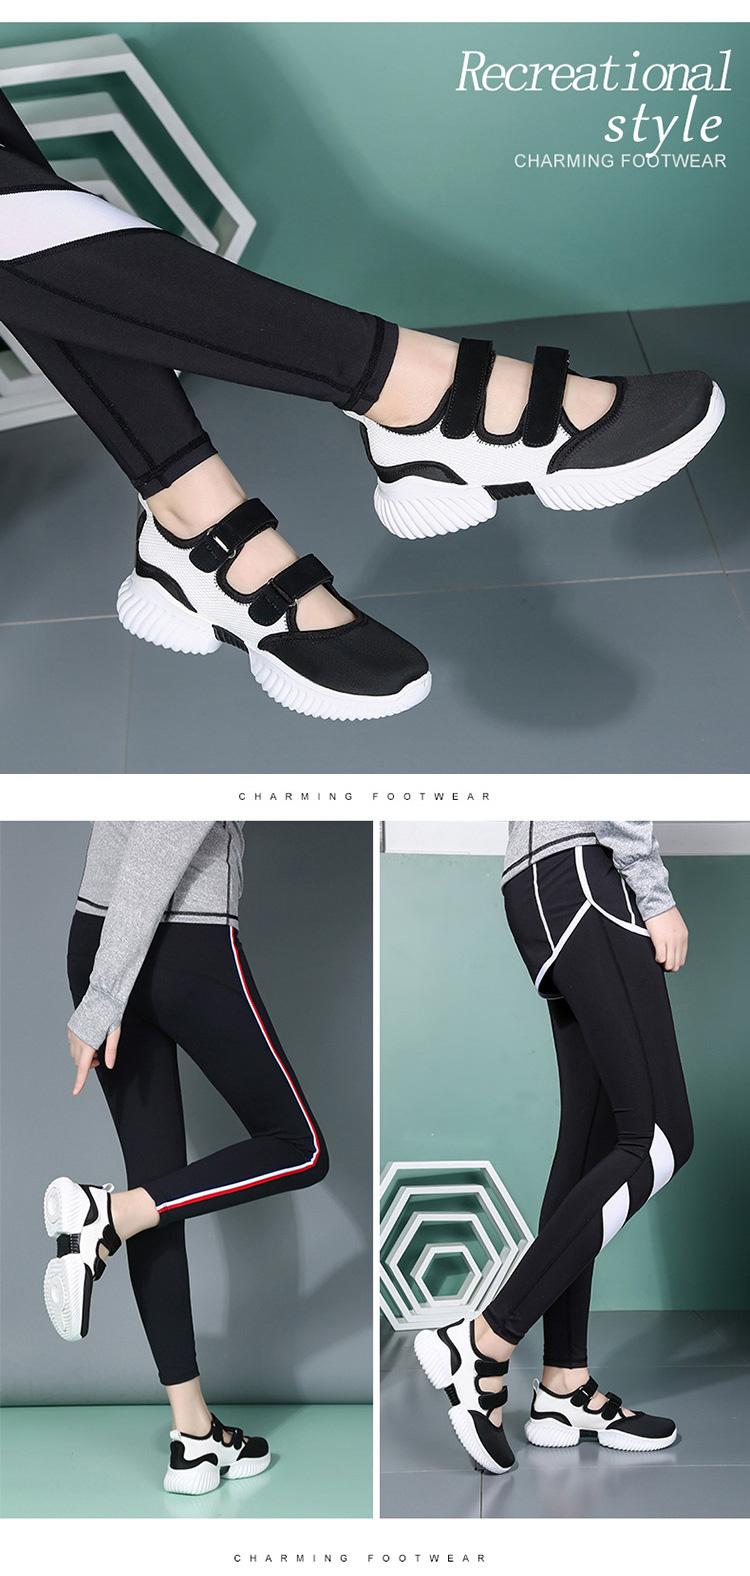 軟底潮流運動鞋涼鞋模特展示黑白色